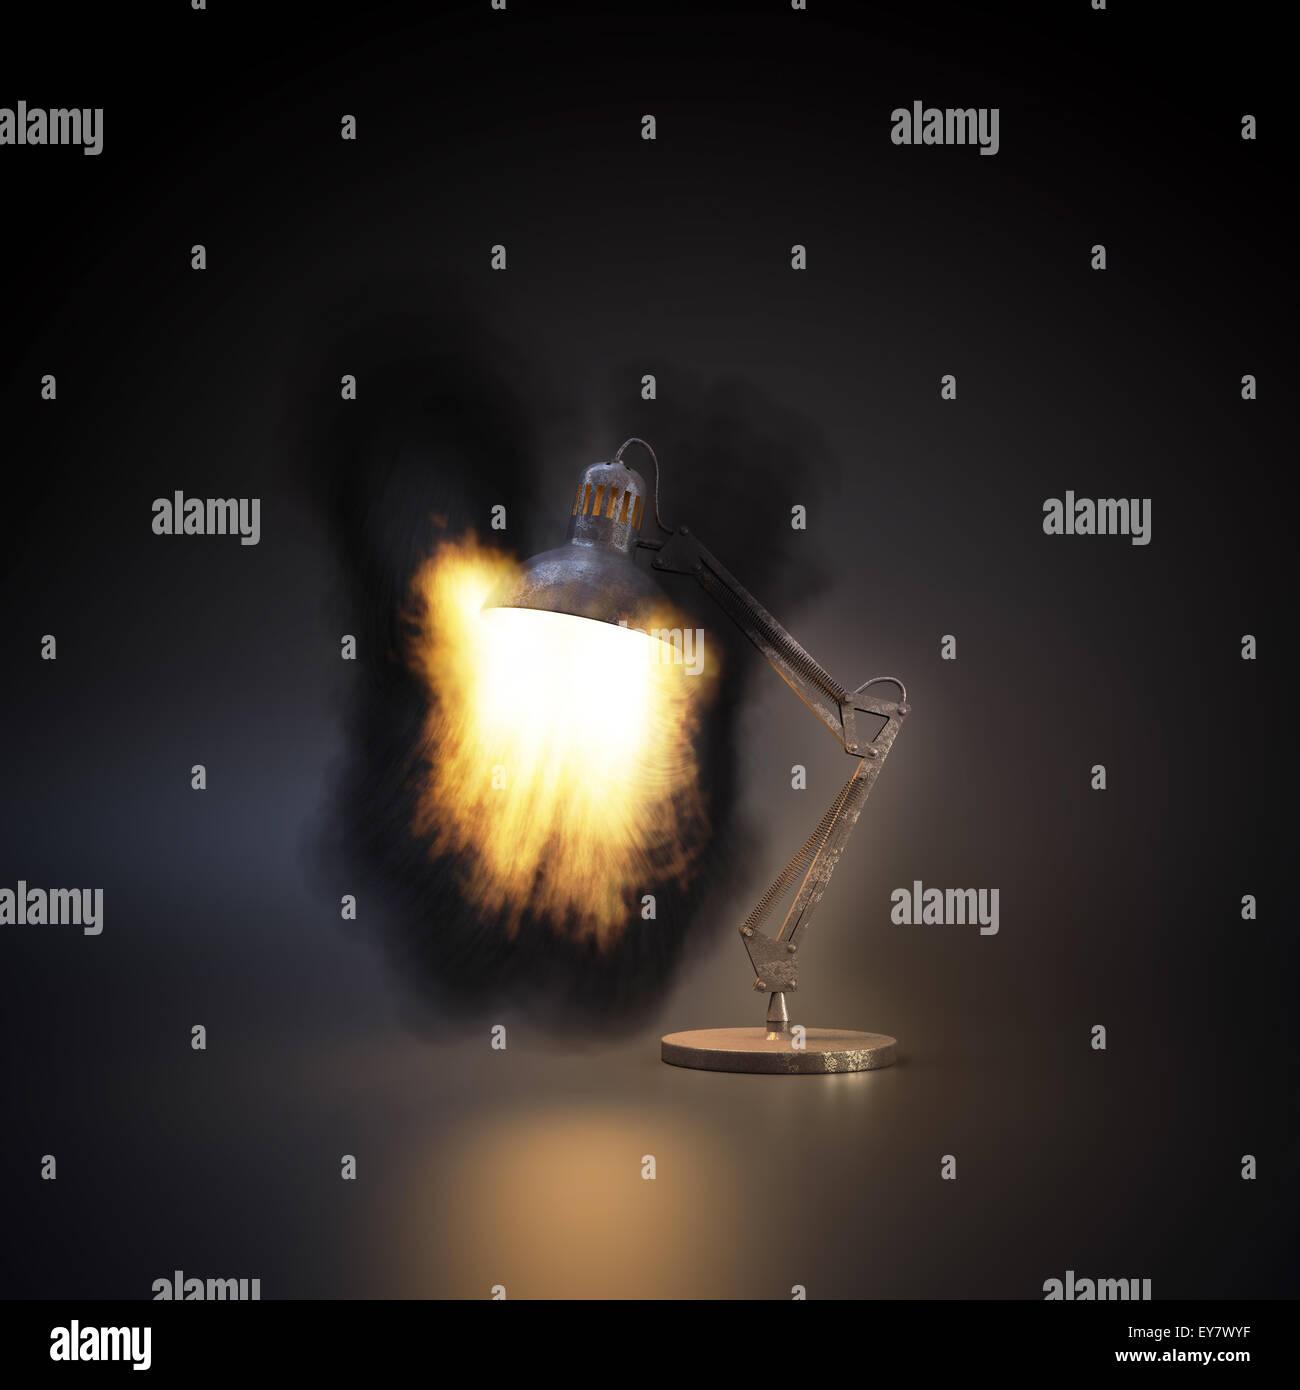 El fuego ardiente de una lámpara de escritorio Imagen De Stock